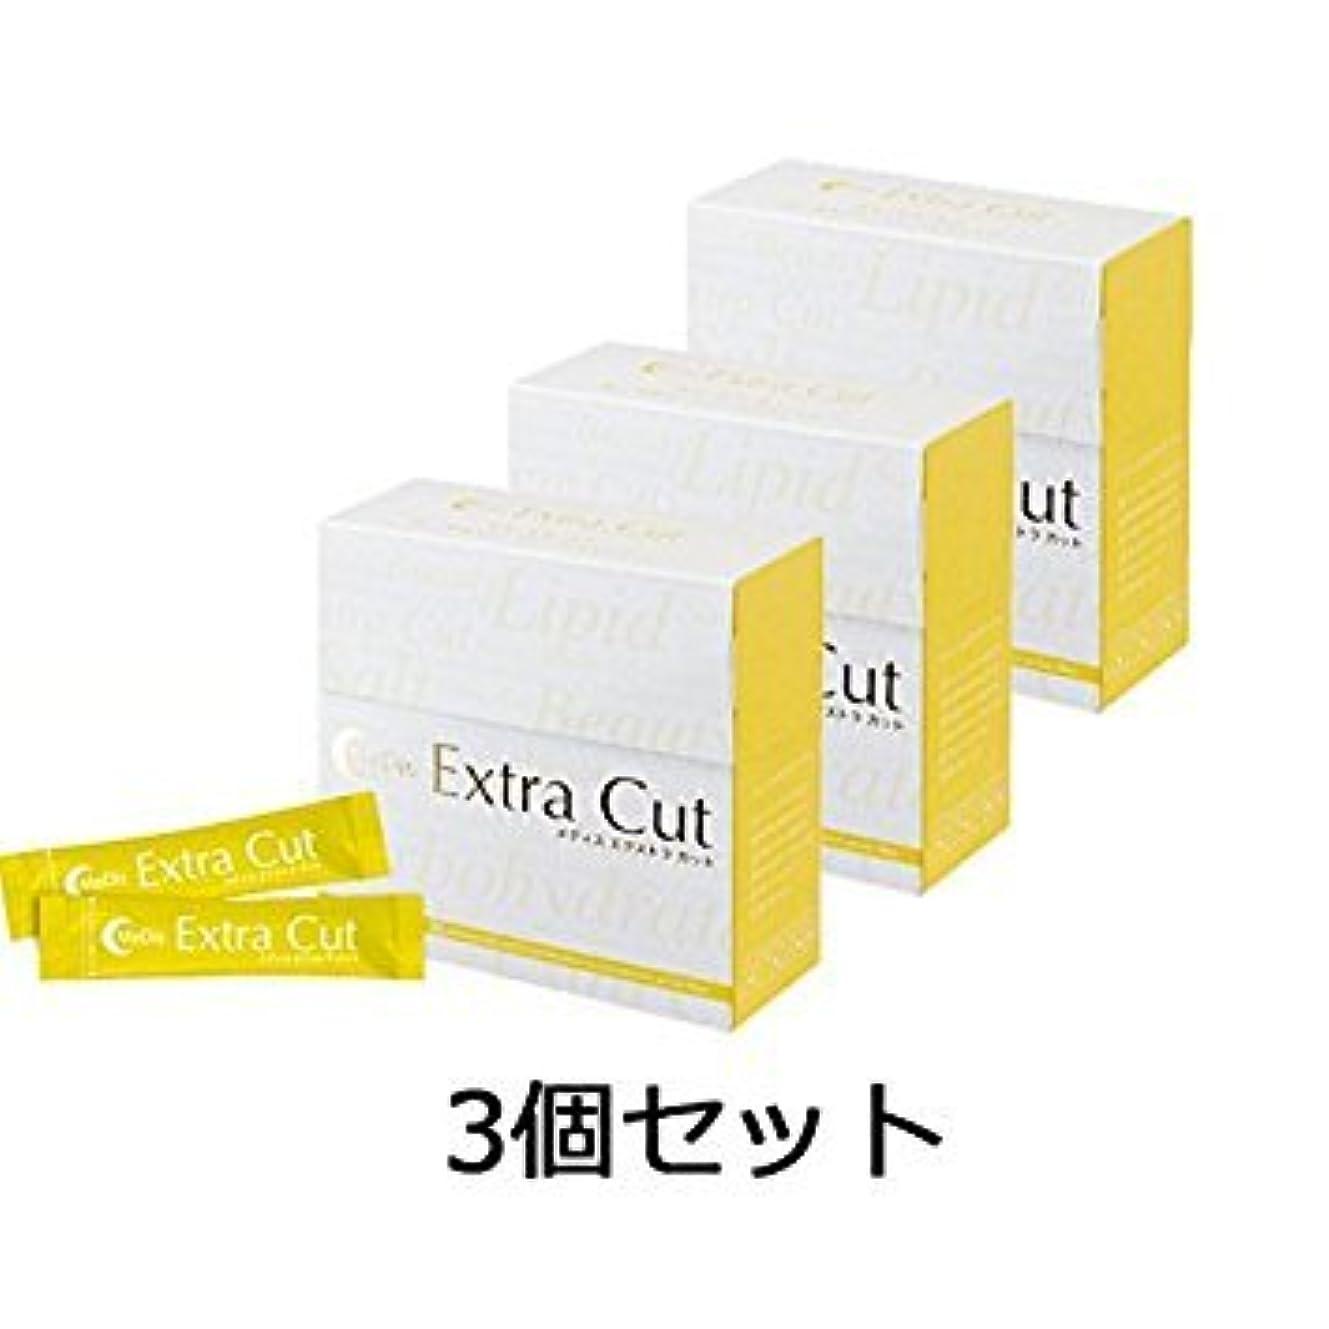 メディス エクストラカット 90g (3g×30包) × 3個セット